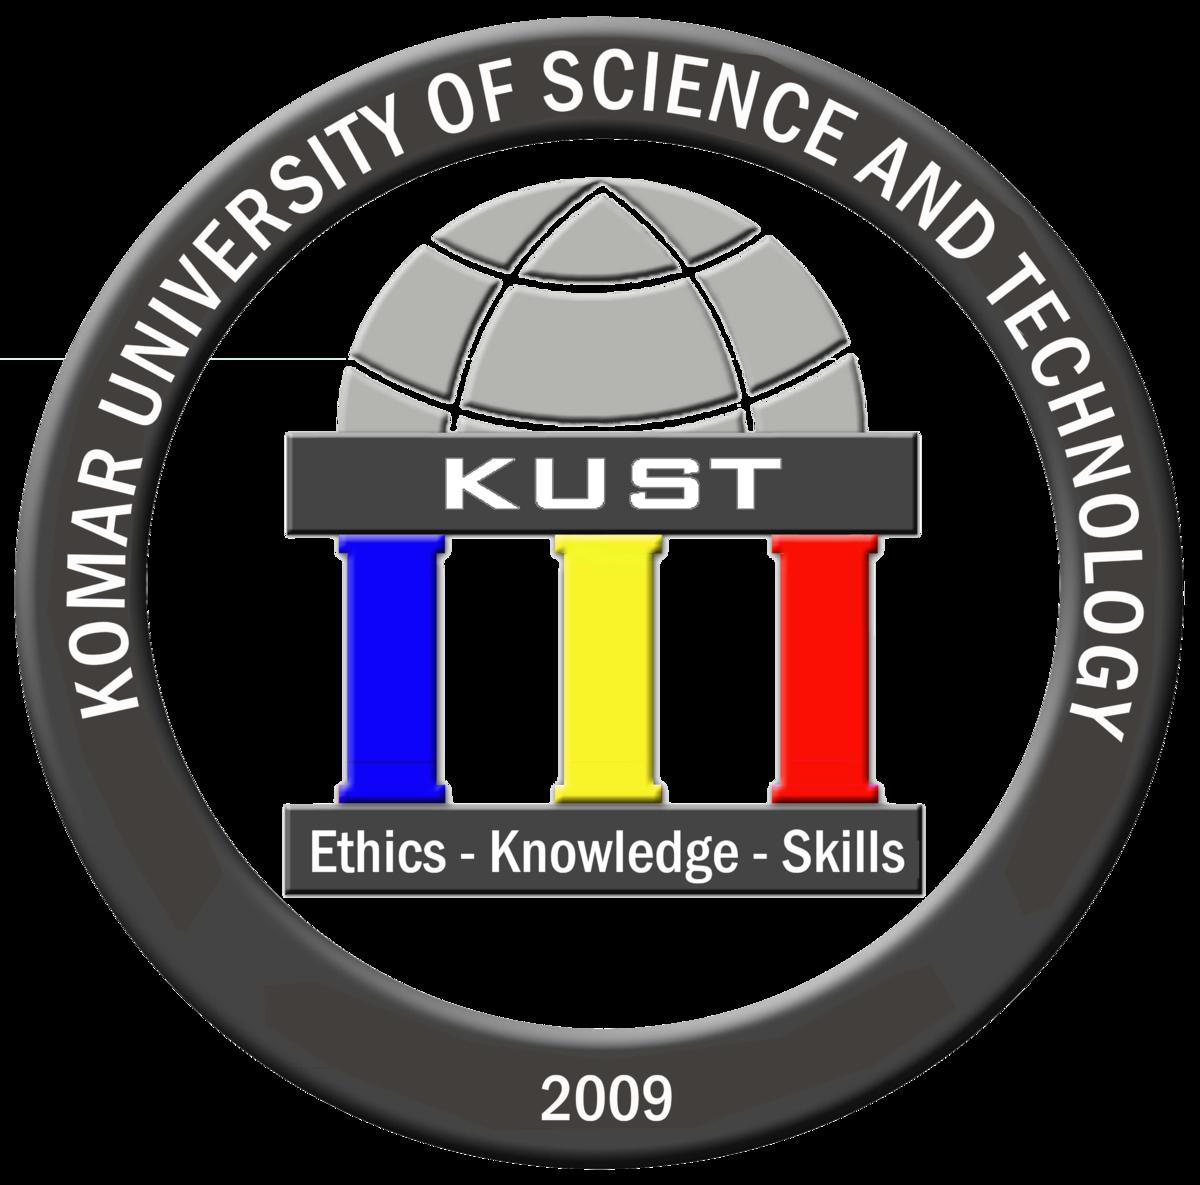 komar university of science and technology wikipedia